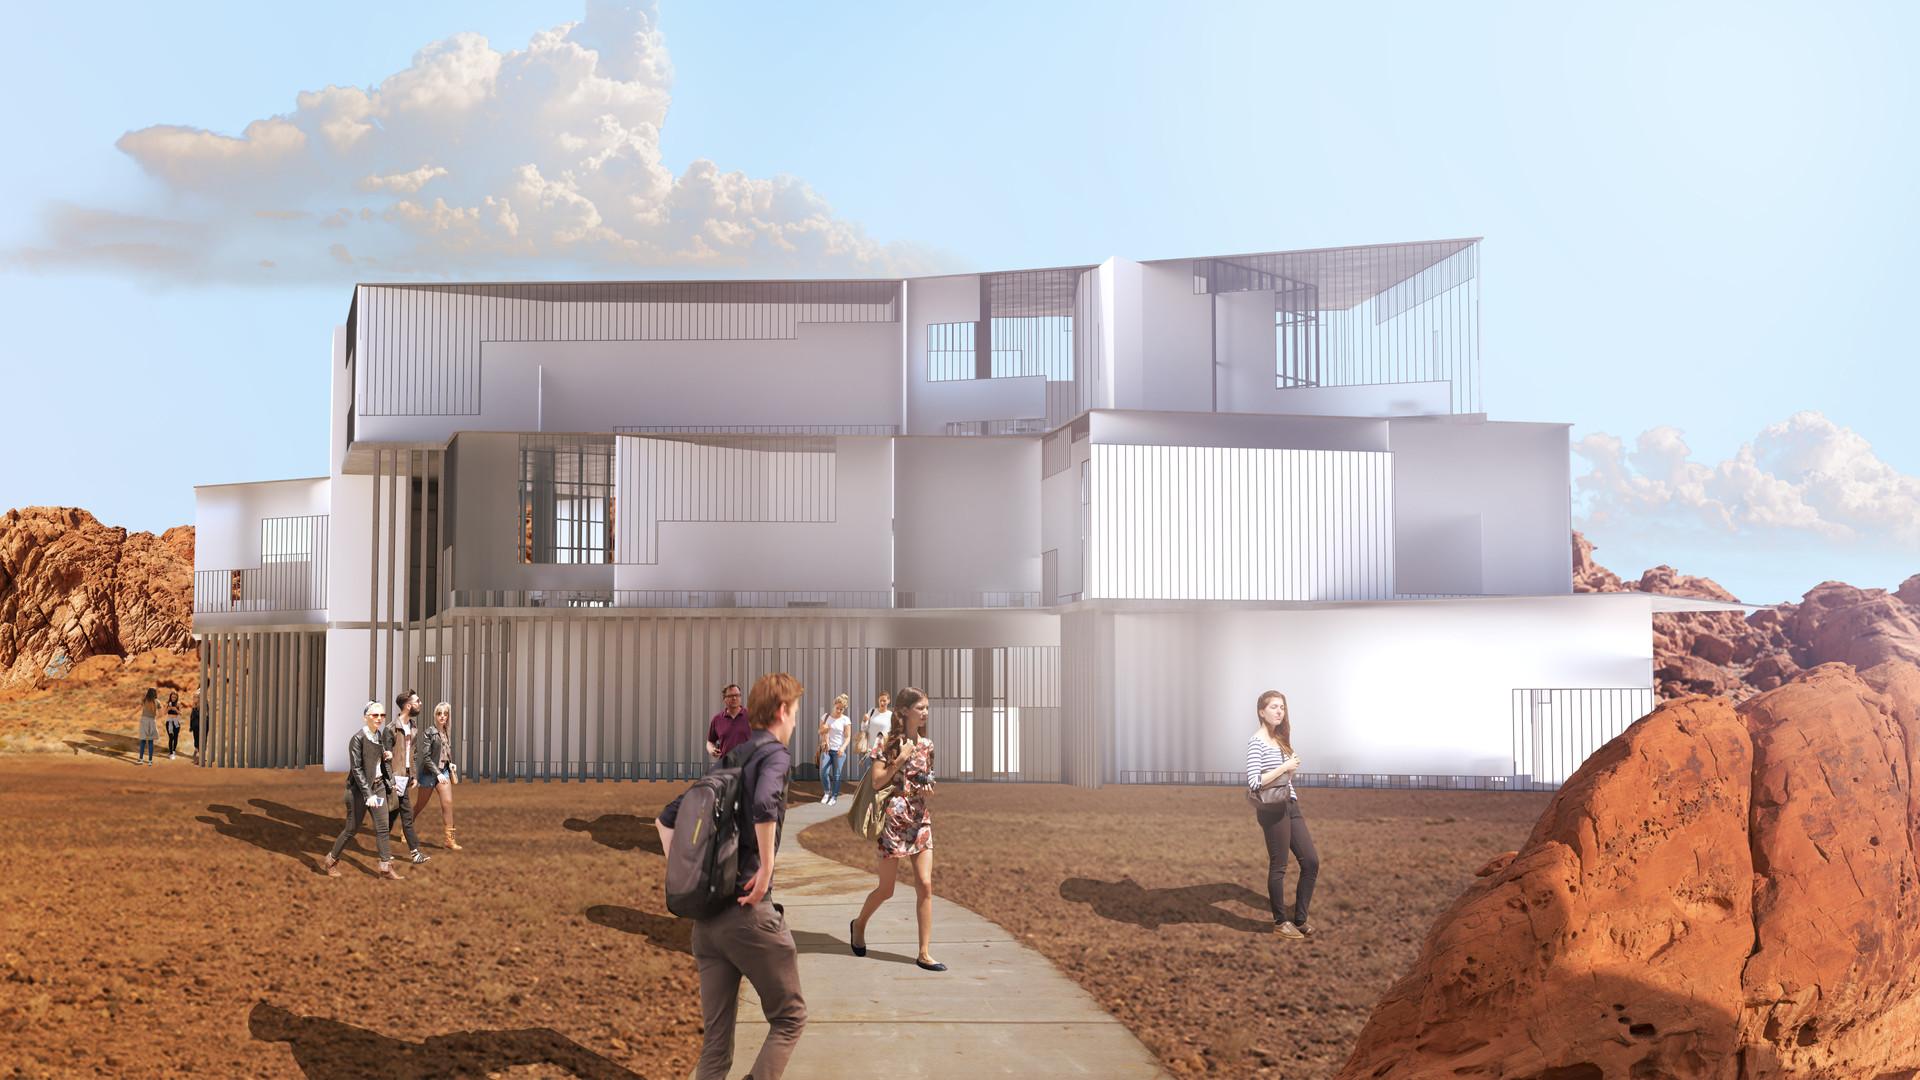 El Paso Design Hub